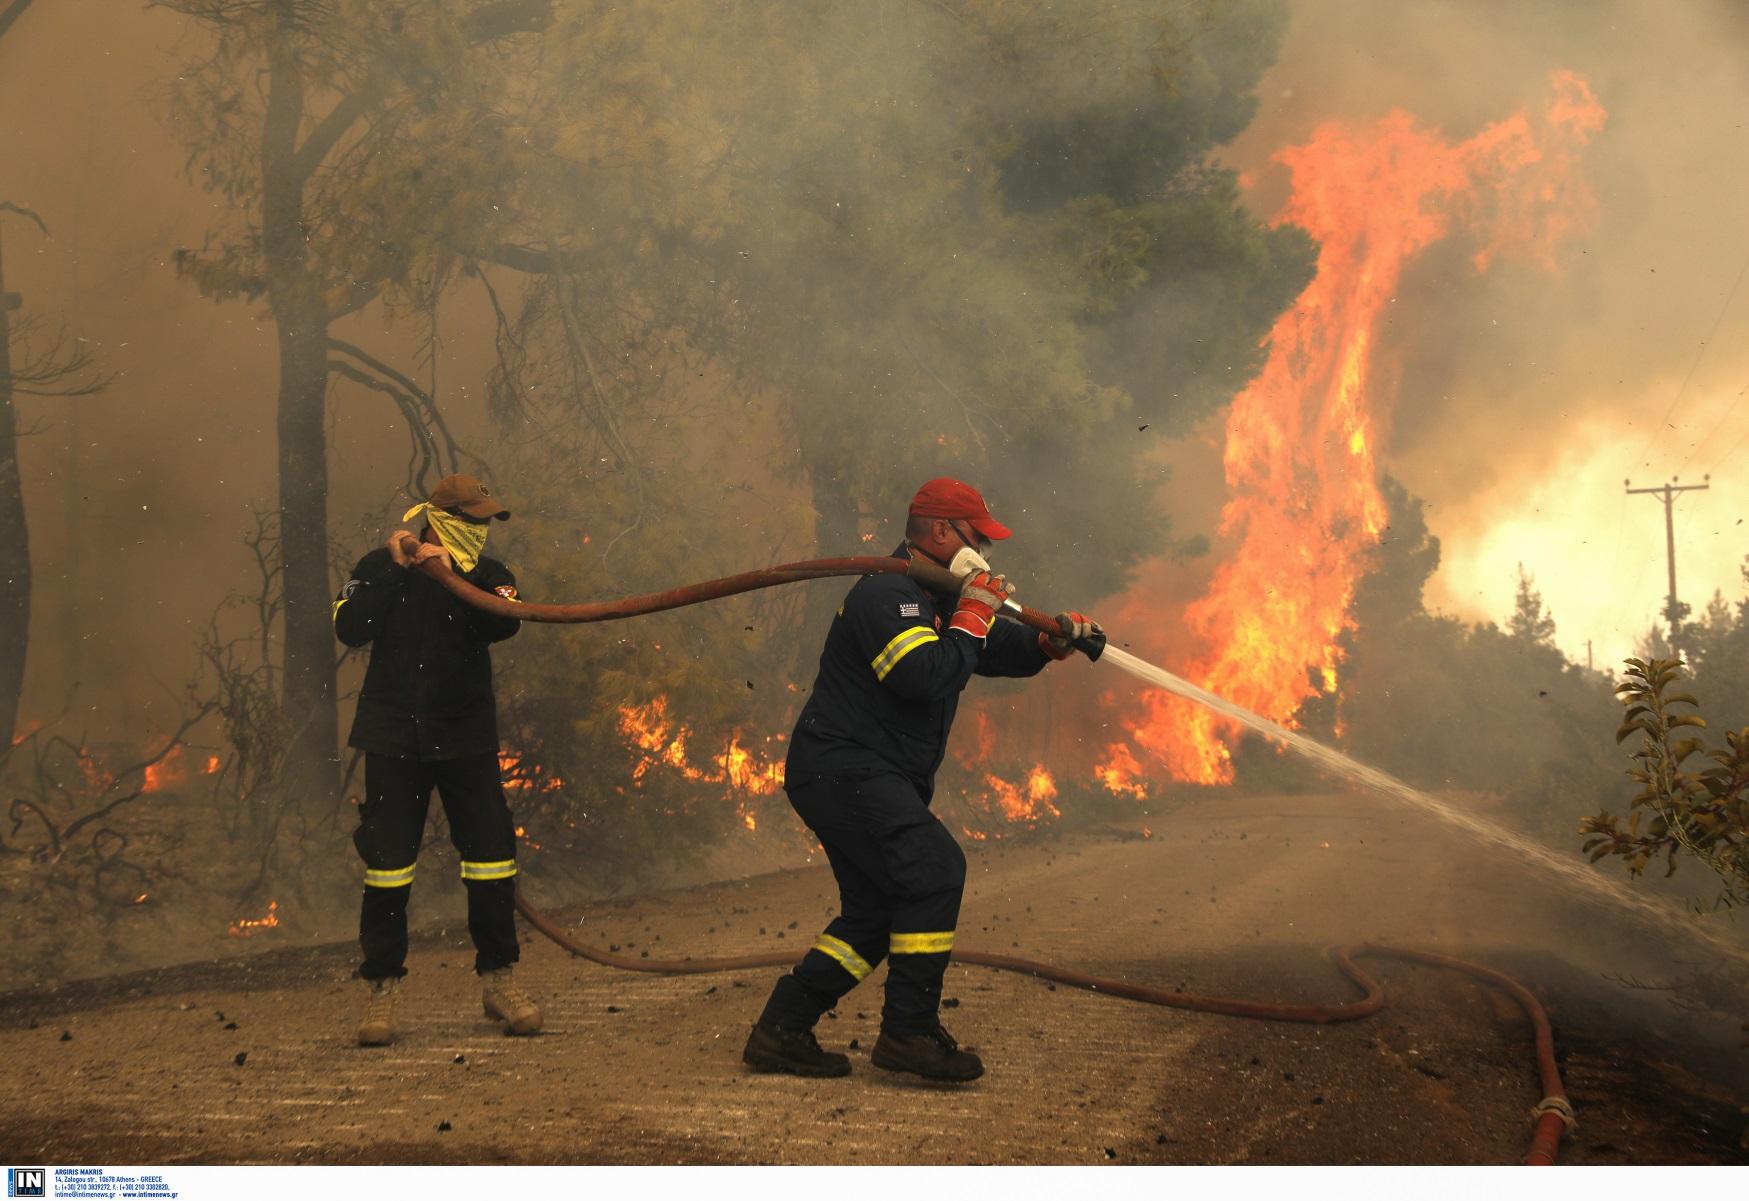 Φωτιά στη Λακωνία:  Καμένη γη, νεκρά ζώα και κατεστραμμένες περιουσίες στη Μάνη